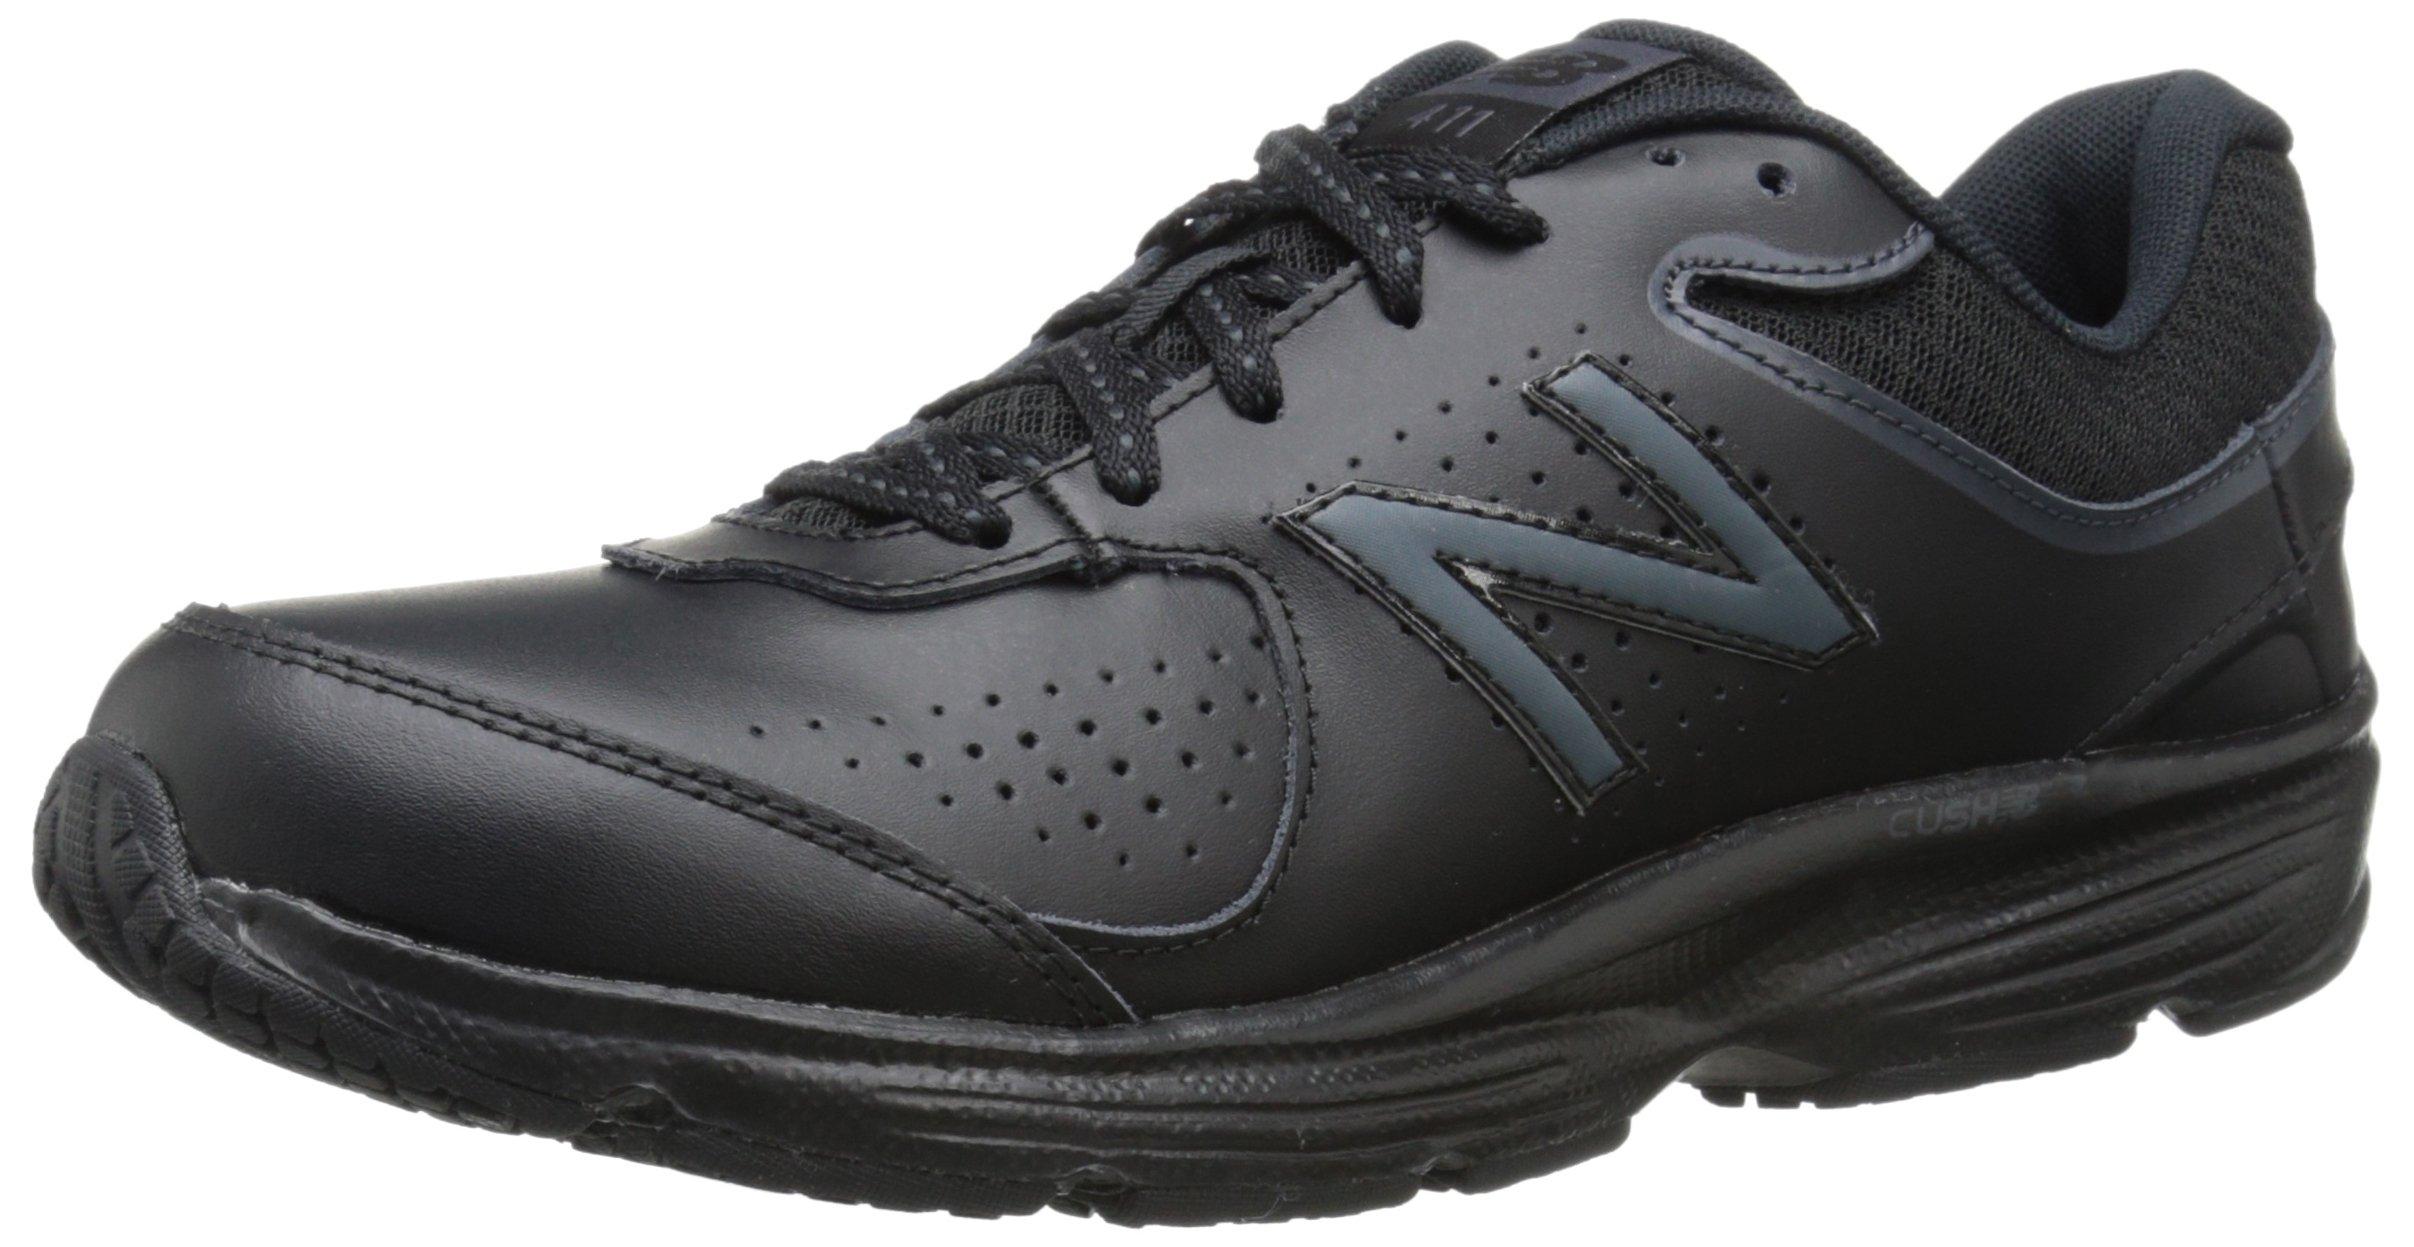 New Balance Women's 411 V2 Lace-up Walking Shoe